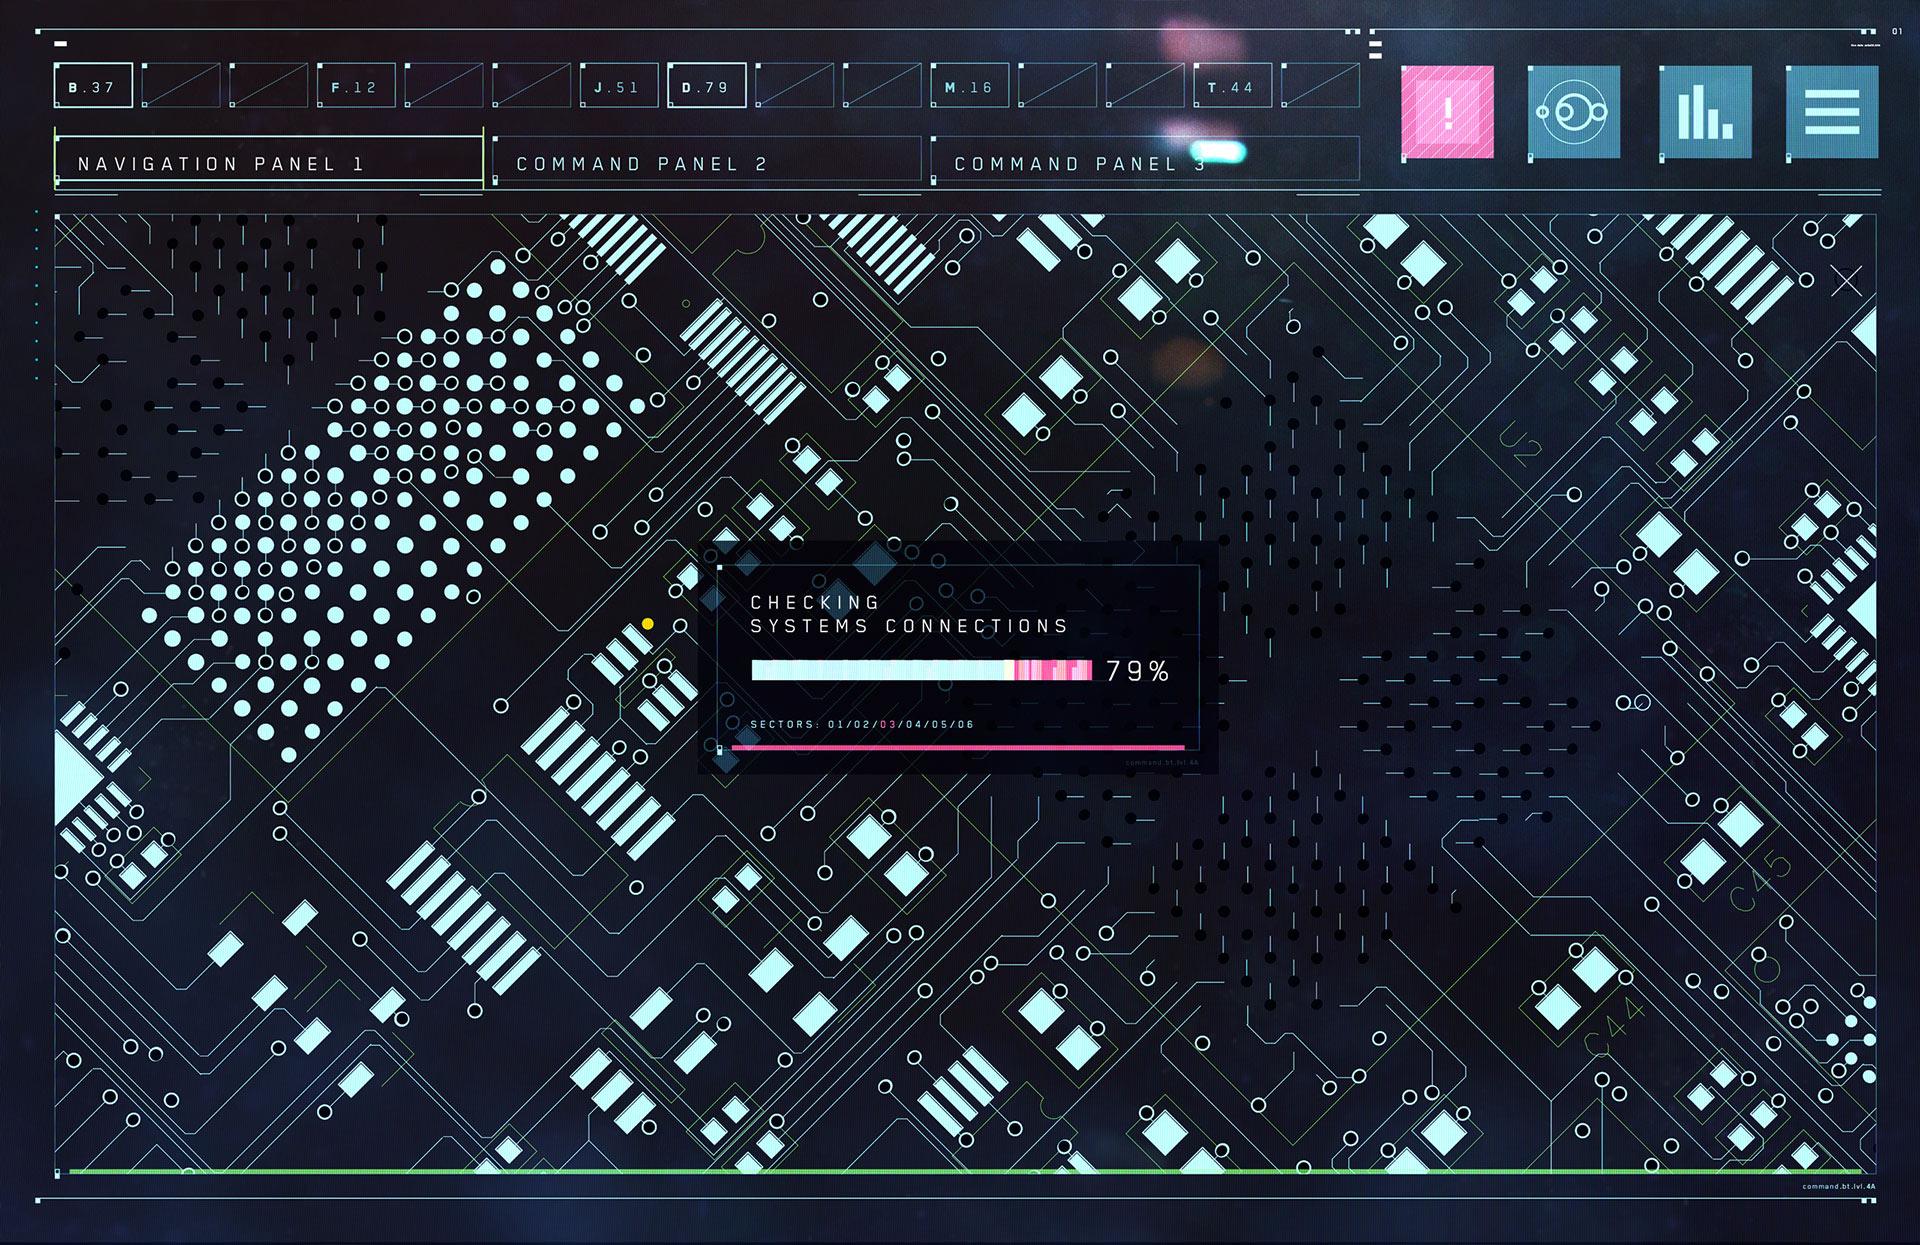 Lone_echo_ui_concepts_06